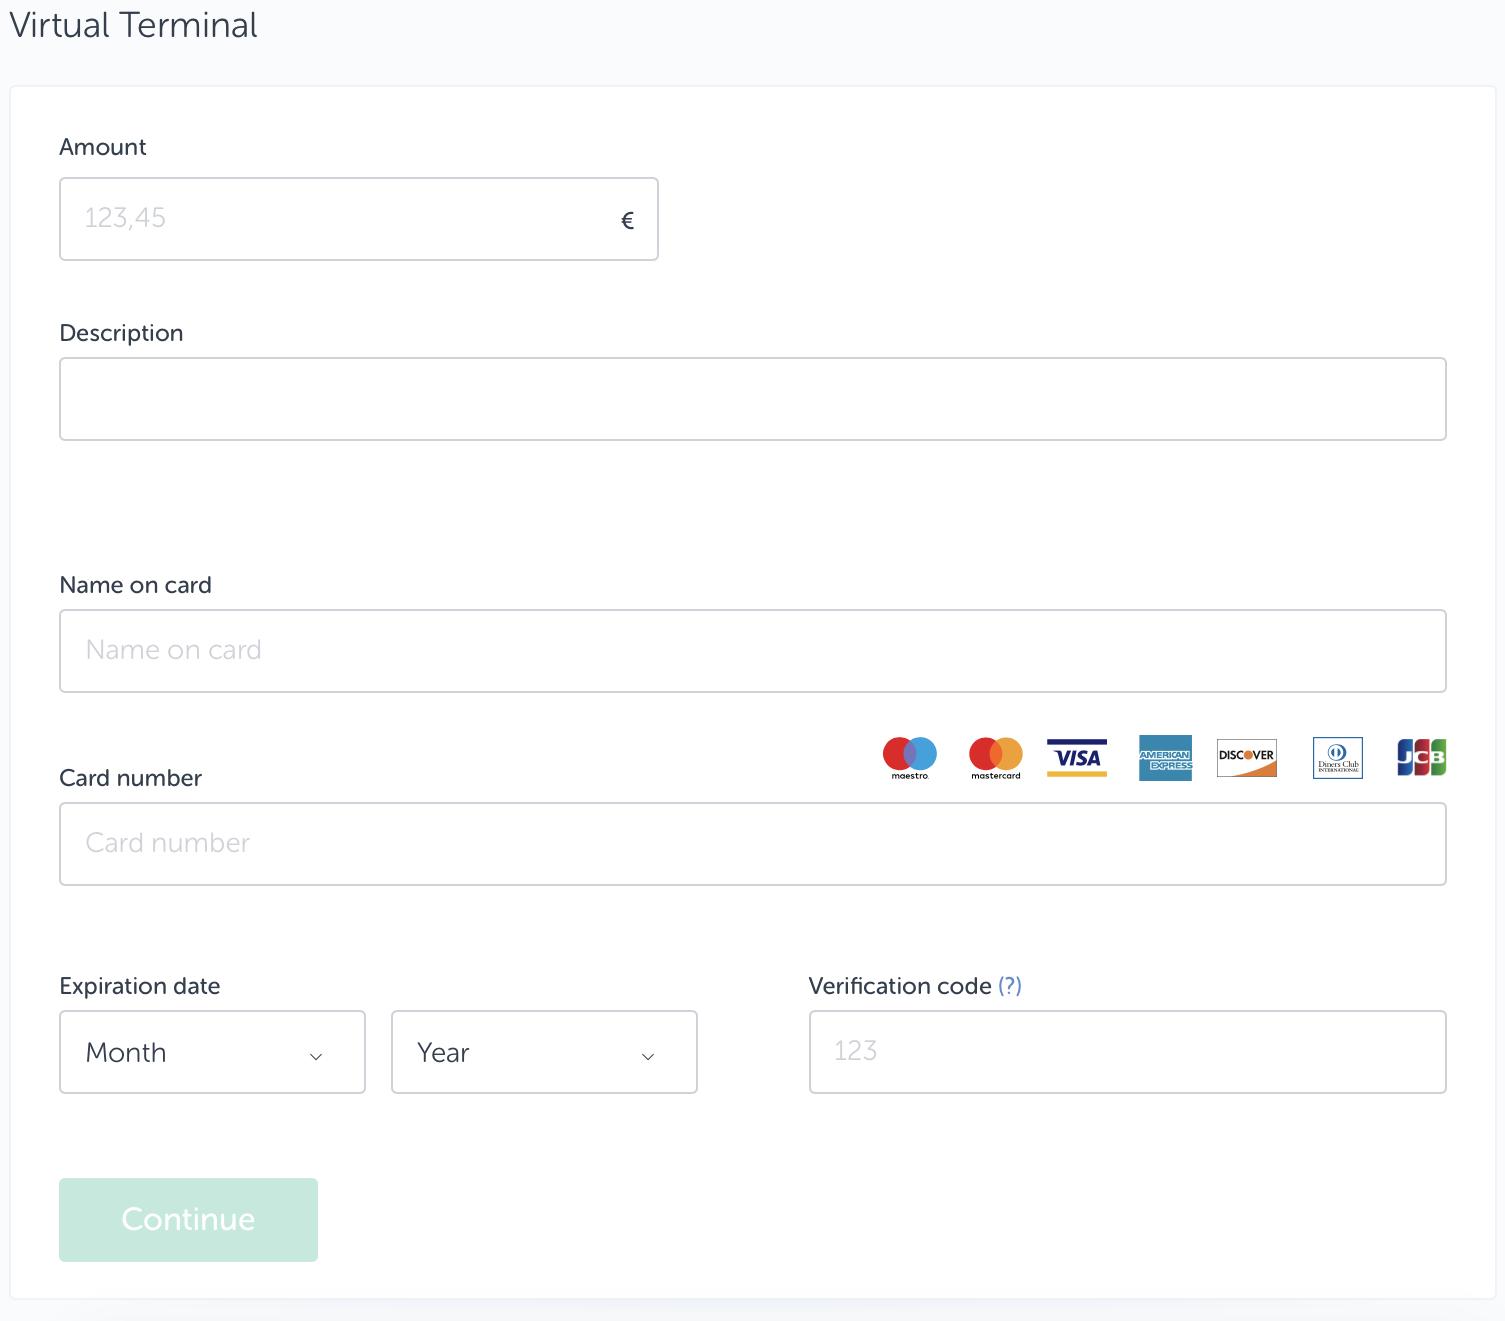 Copie d'écran du Terminal virtuel de SumUp